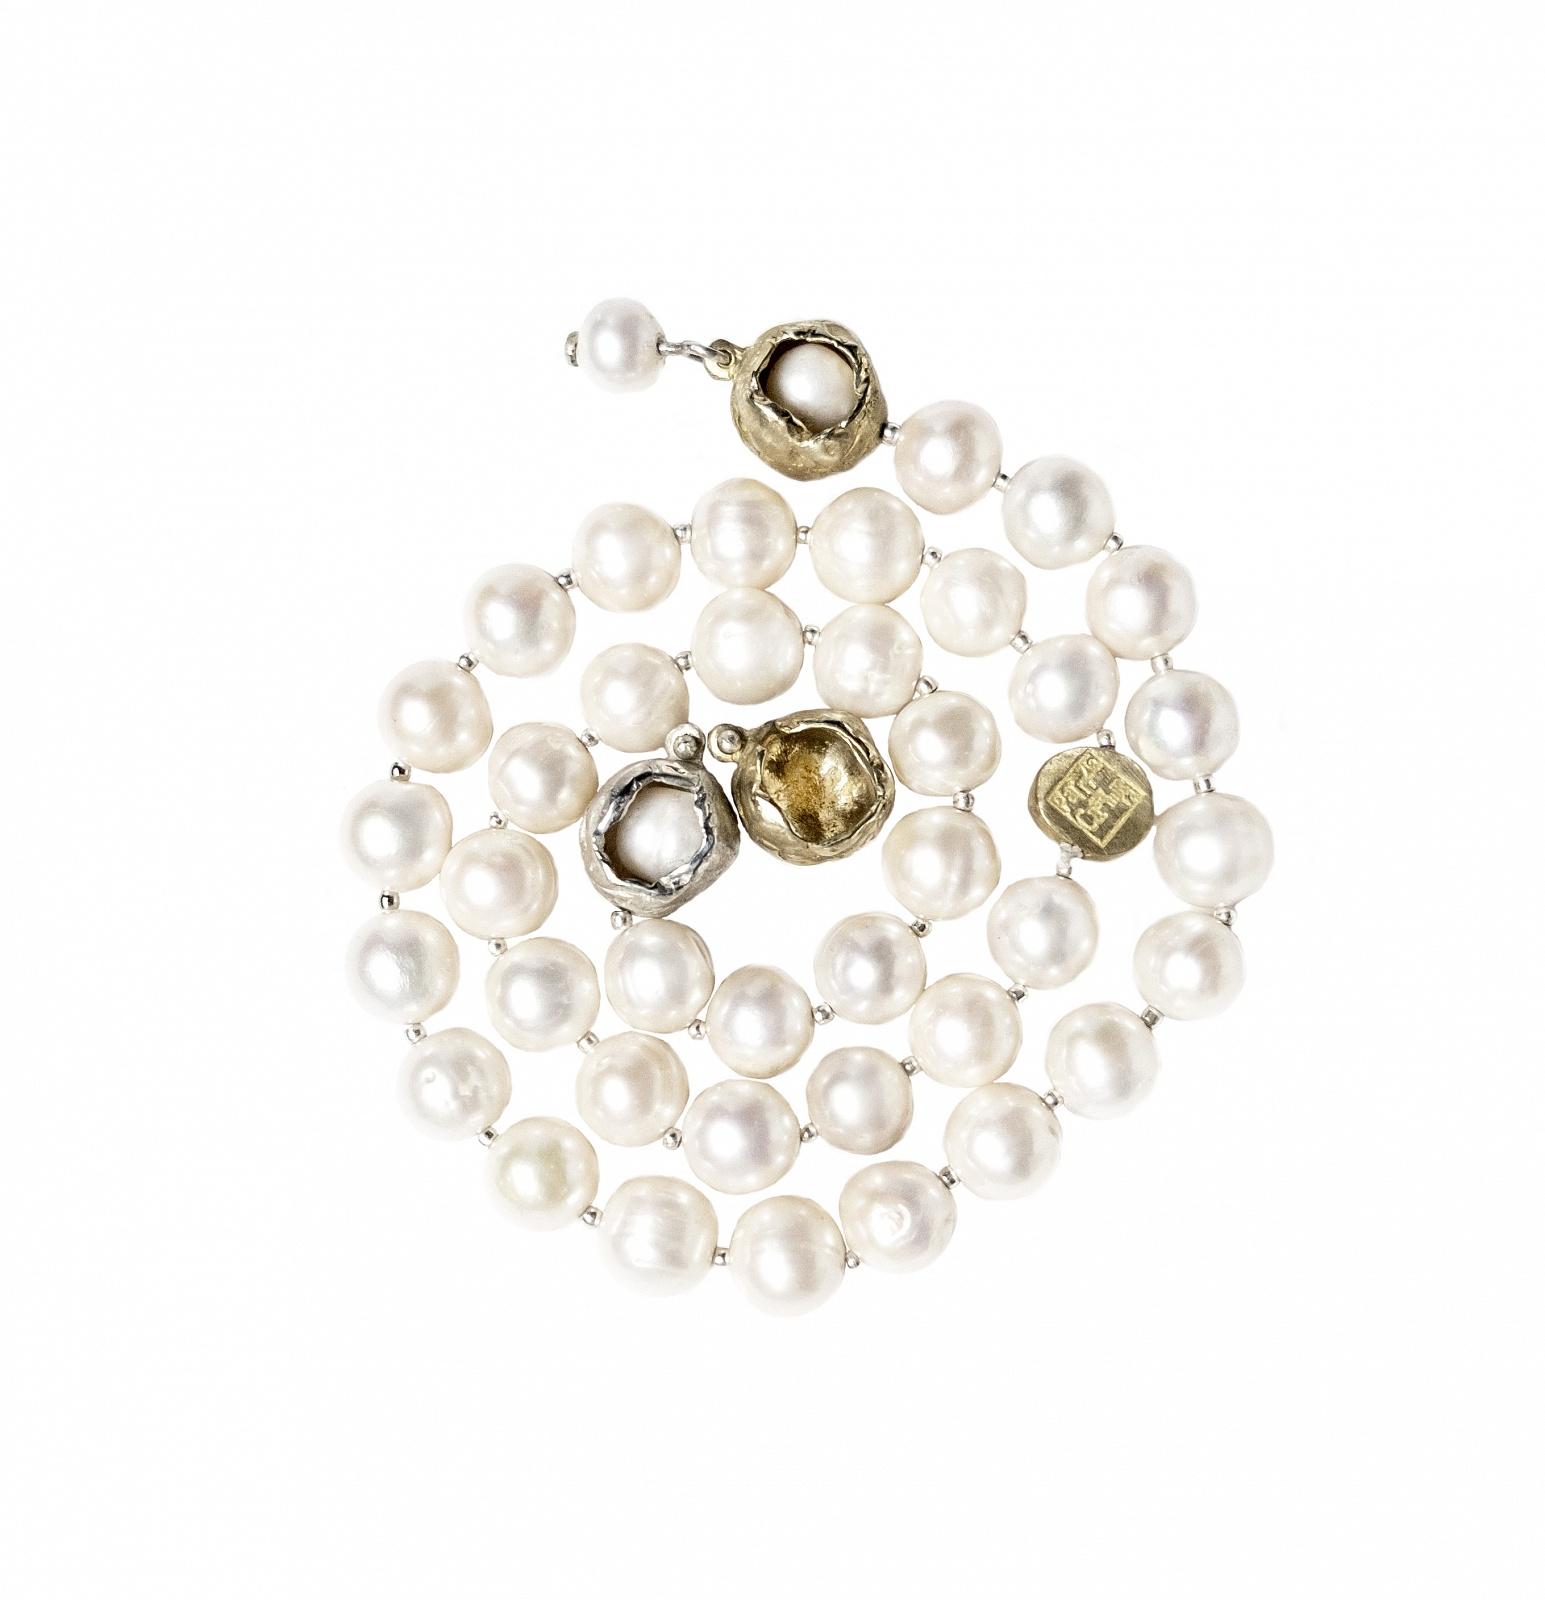 Perla Che Danza Small Short Silver-Bronze-Pearls